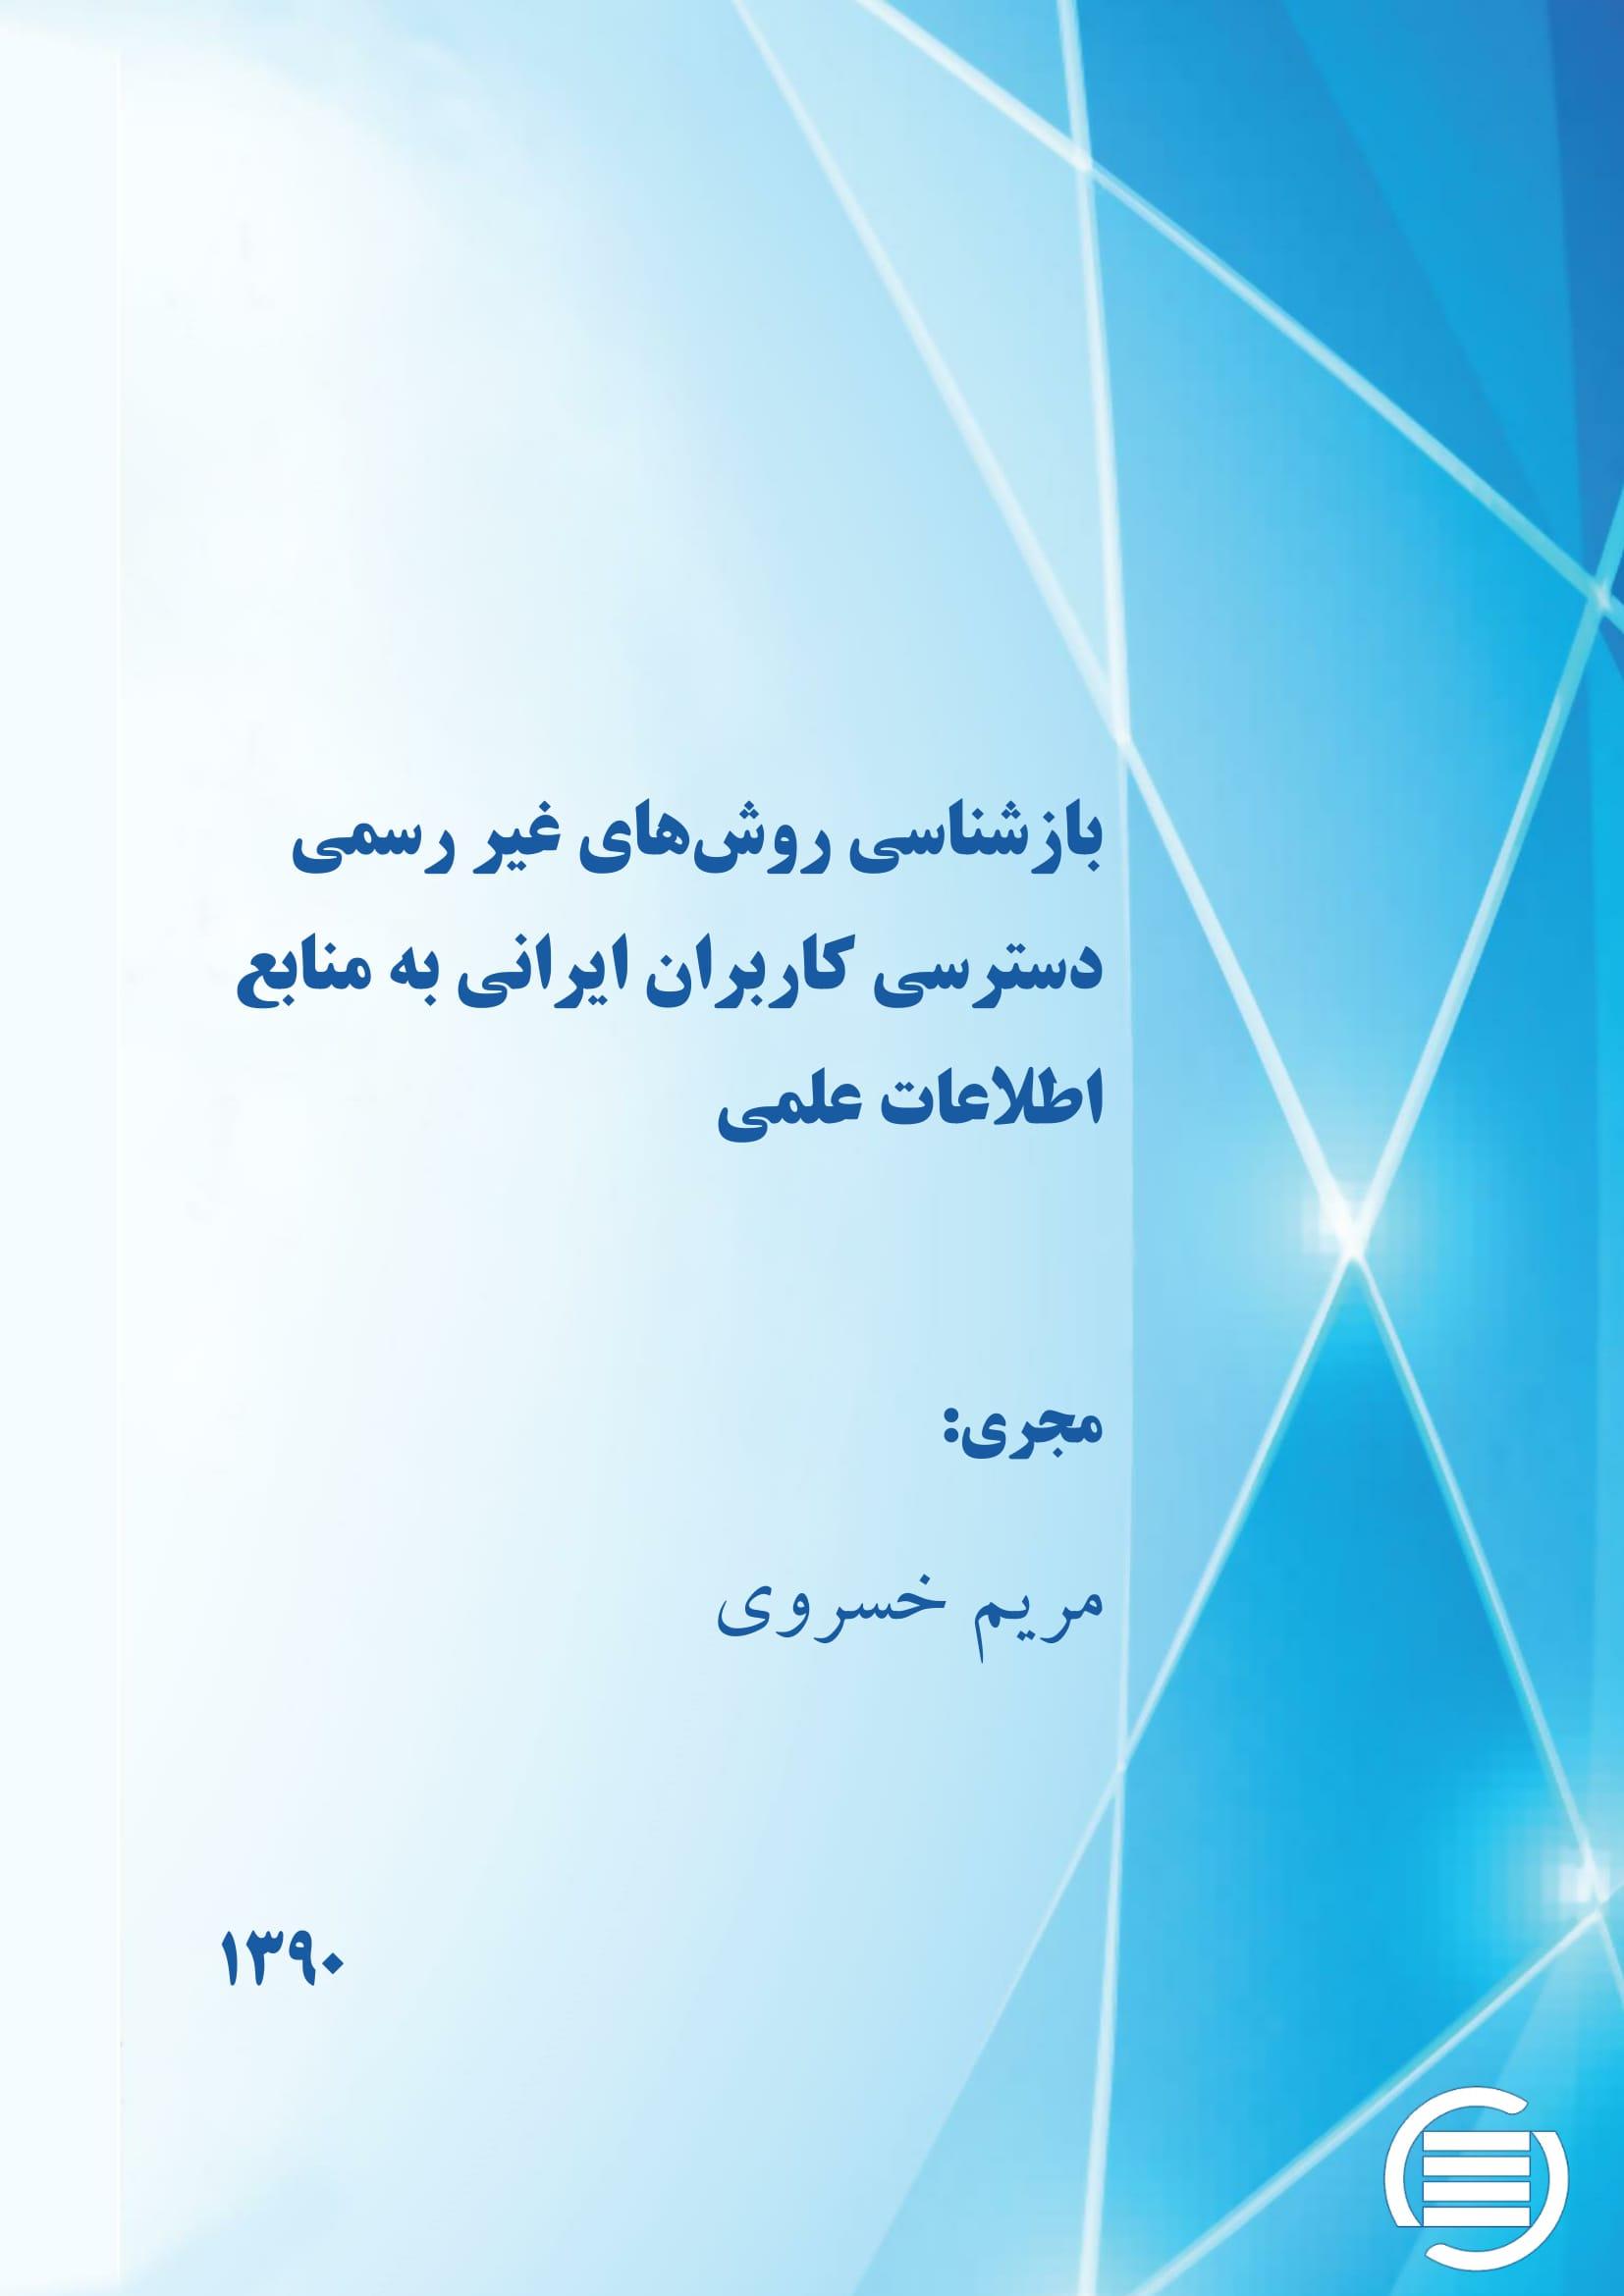 بازشناسی روشهای غیر رسمی دسترسی کاربران ایرانی به منابع اطلاعات علمی